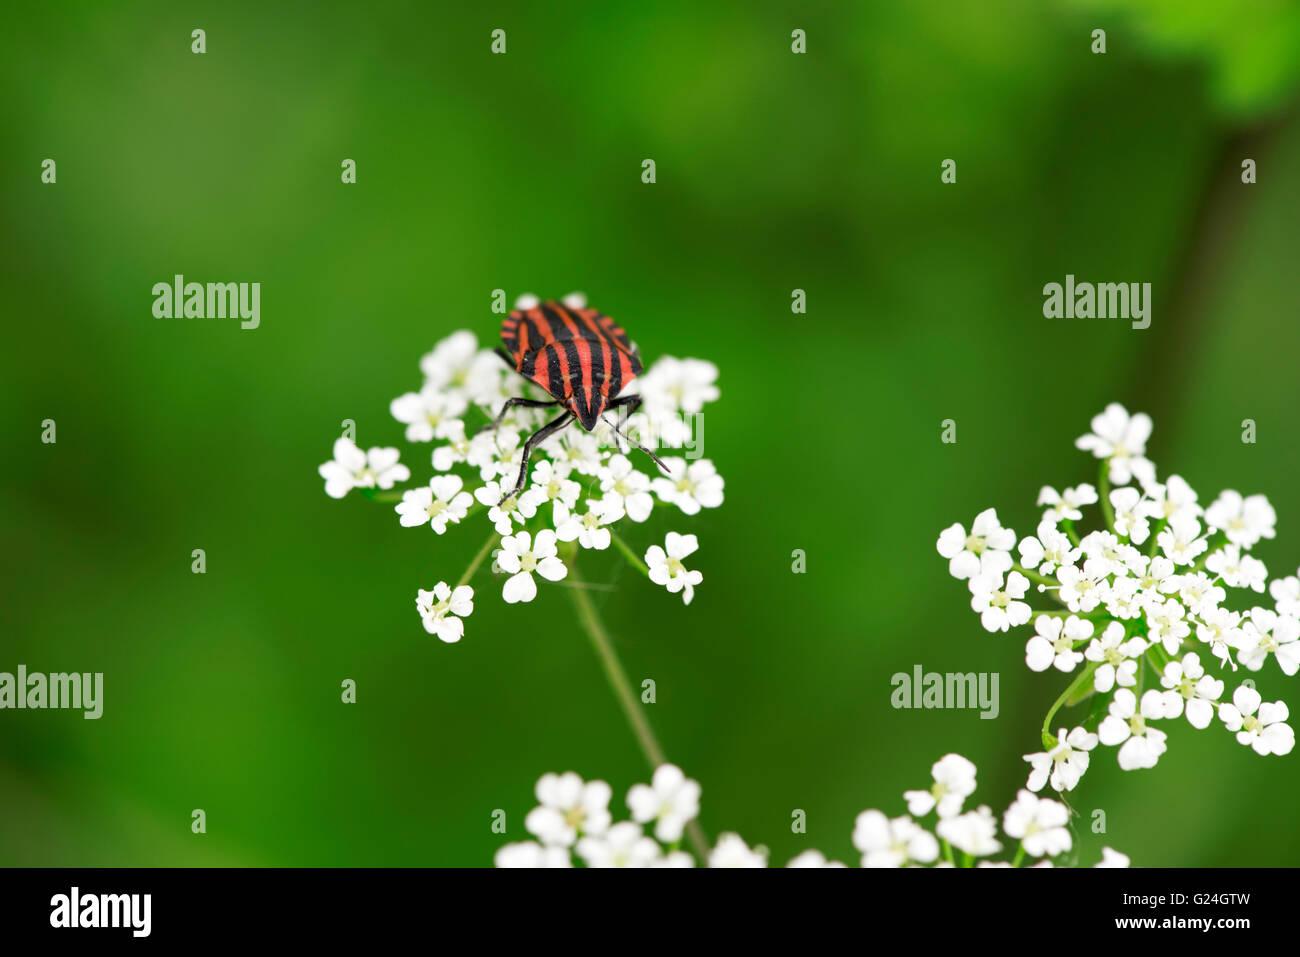 red black striped shield bug stockfotos red black. Black Bedroom Furniture Sets. Home Design Ideas